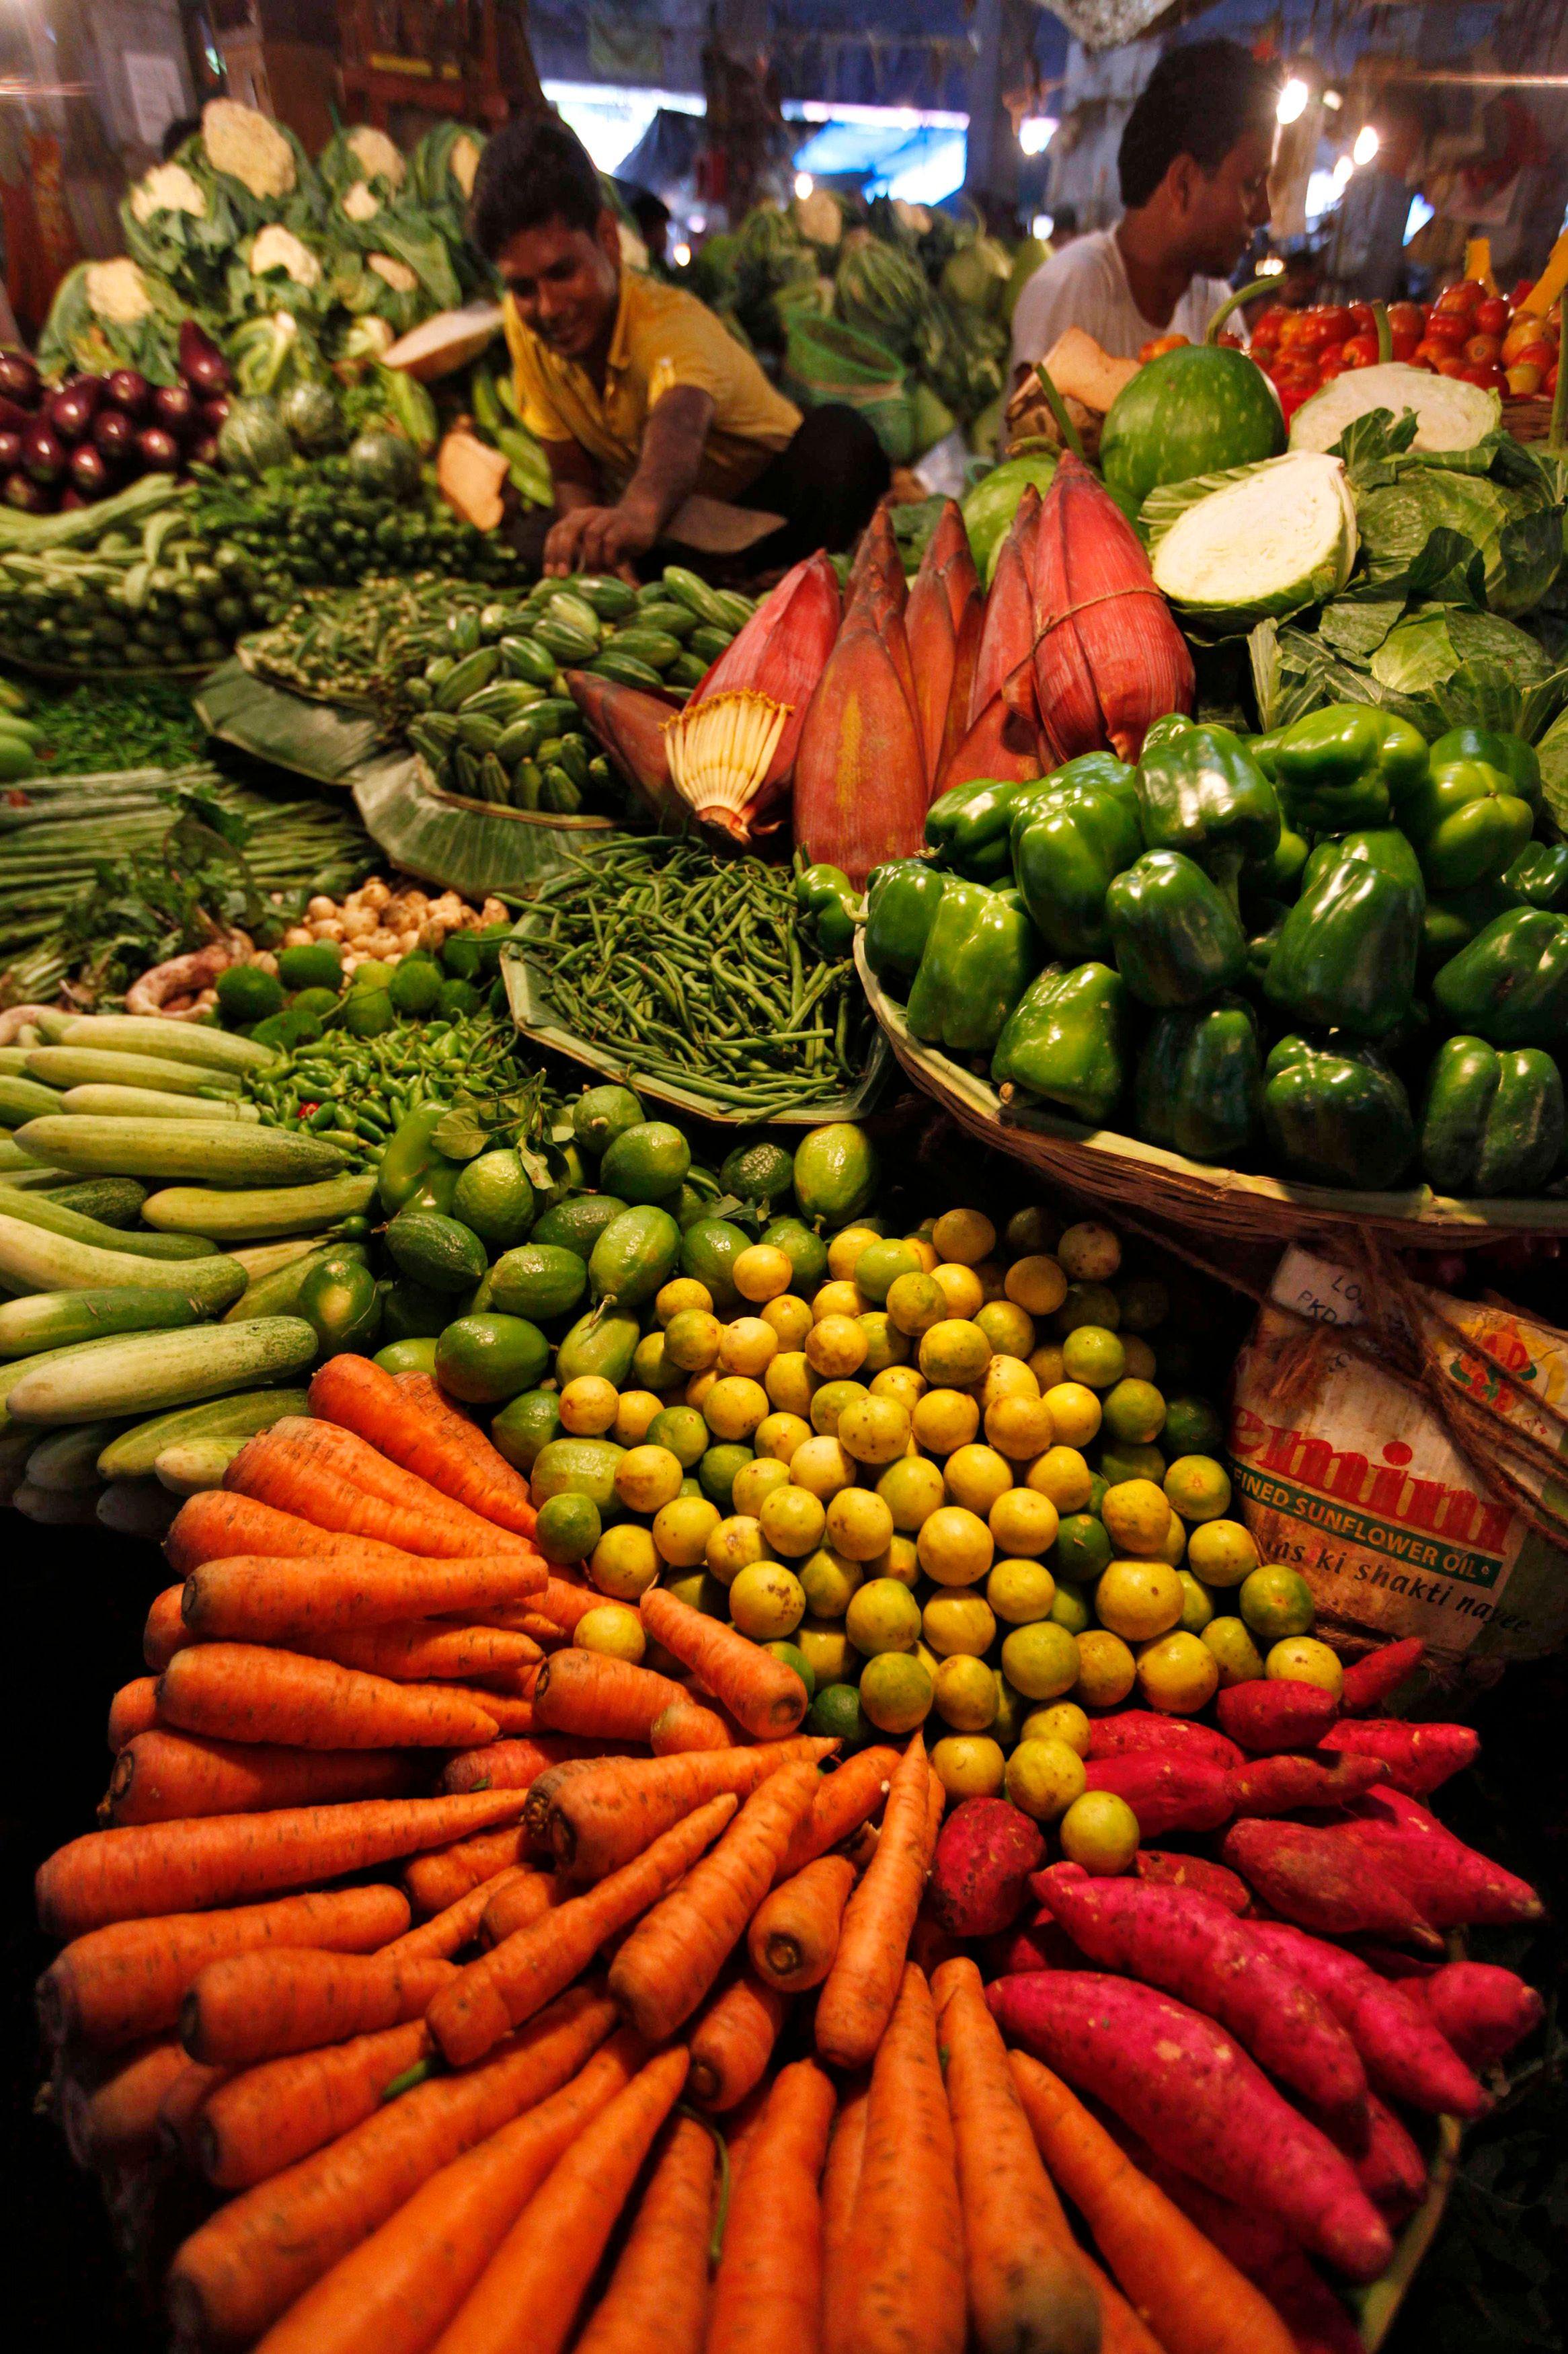 Les personnes respectant scrupuleusement le régime végétarien ont une mortalité inférieure de 12% par rapport aux consommateurs de viande.